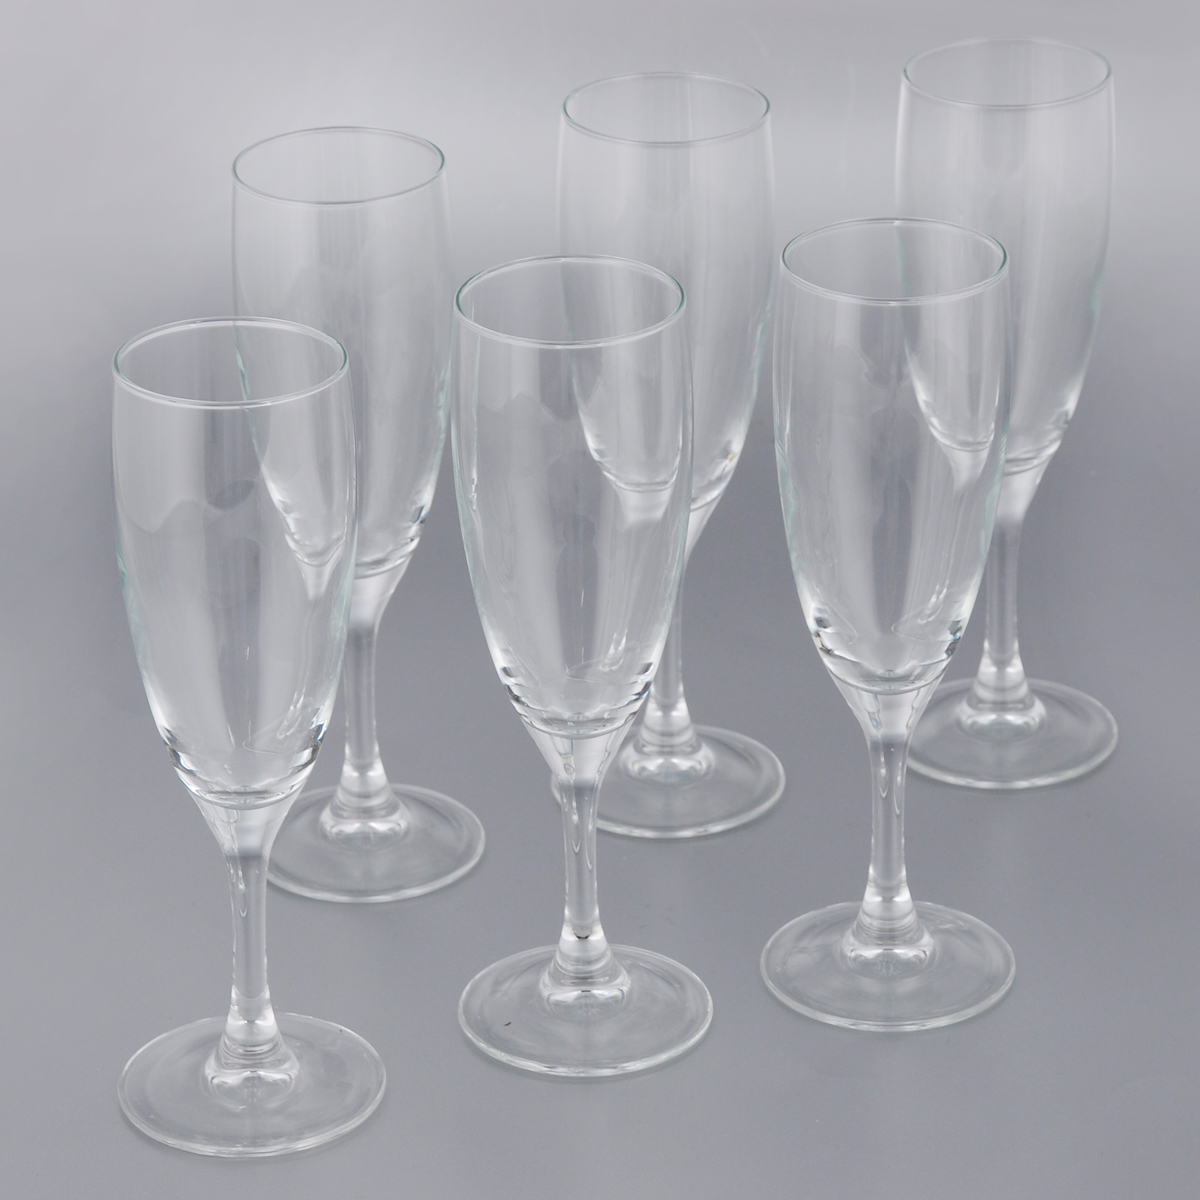 Набор фужеров для шампанского Luminarc Французский ресторанчик, 170 мл, 6 шт набор стаканов luminarc new america 270 мл 6 шт